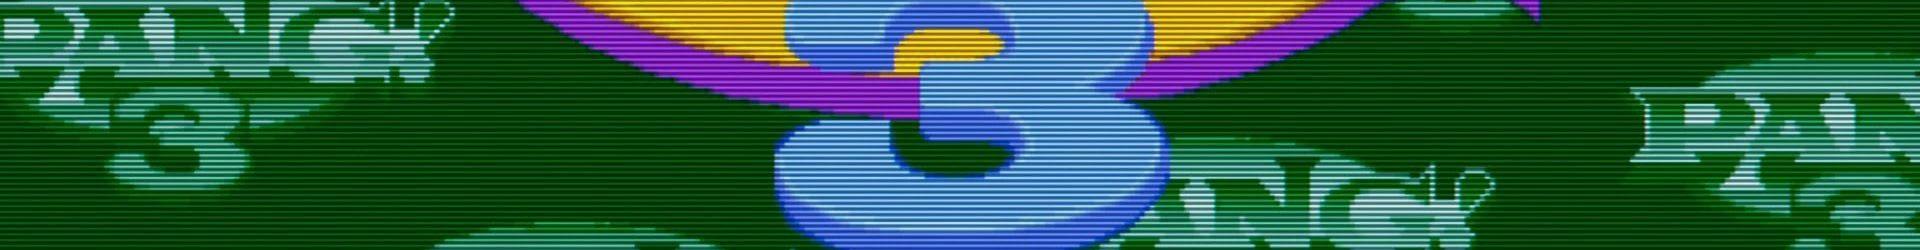 """Pang 3. Un gioco dove """"rompere le palle"""" apprezzando l'arte – (Download apk)"""